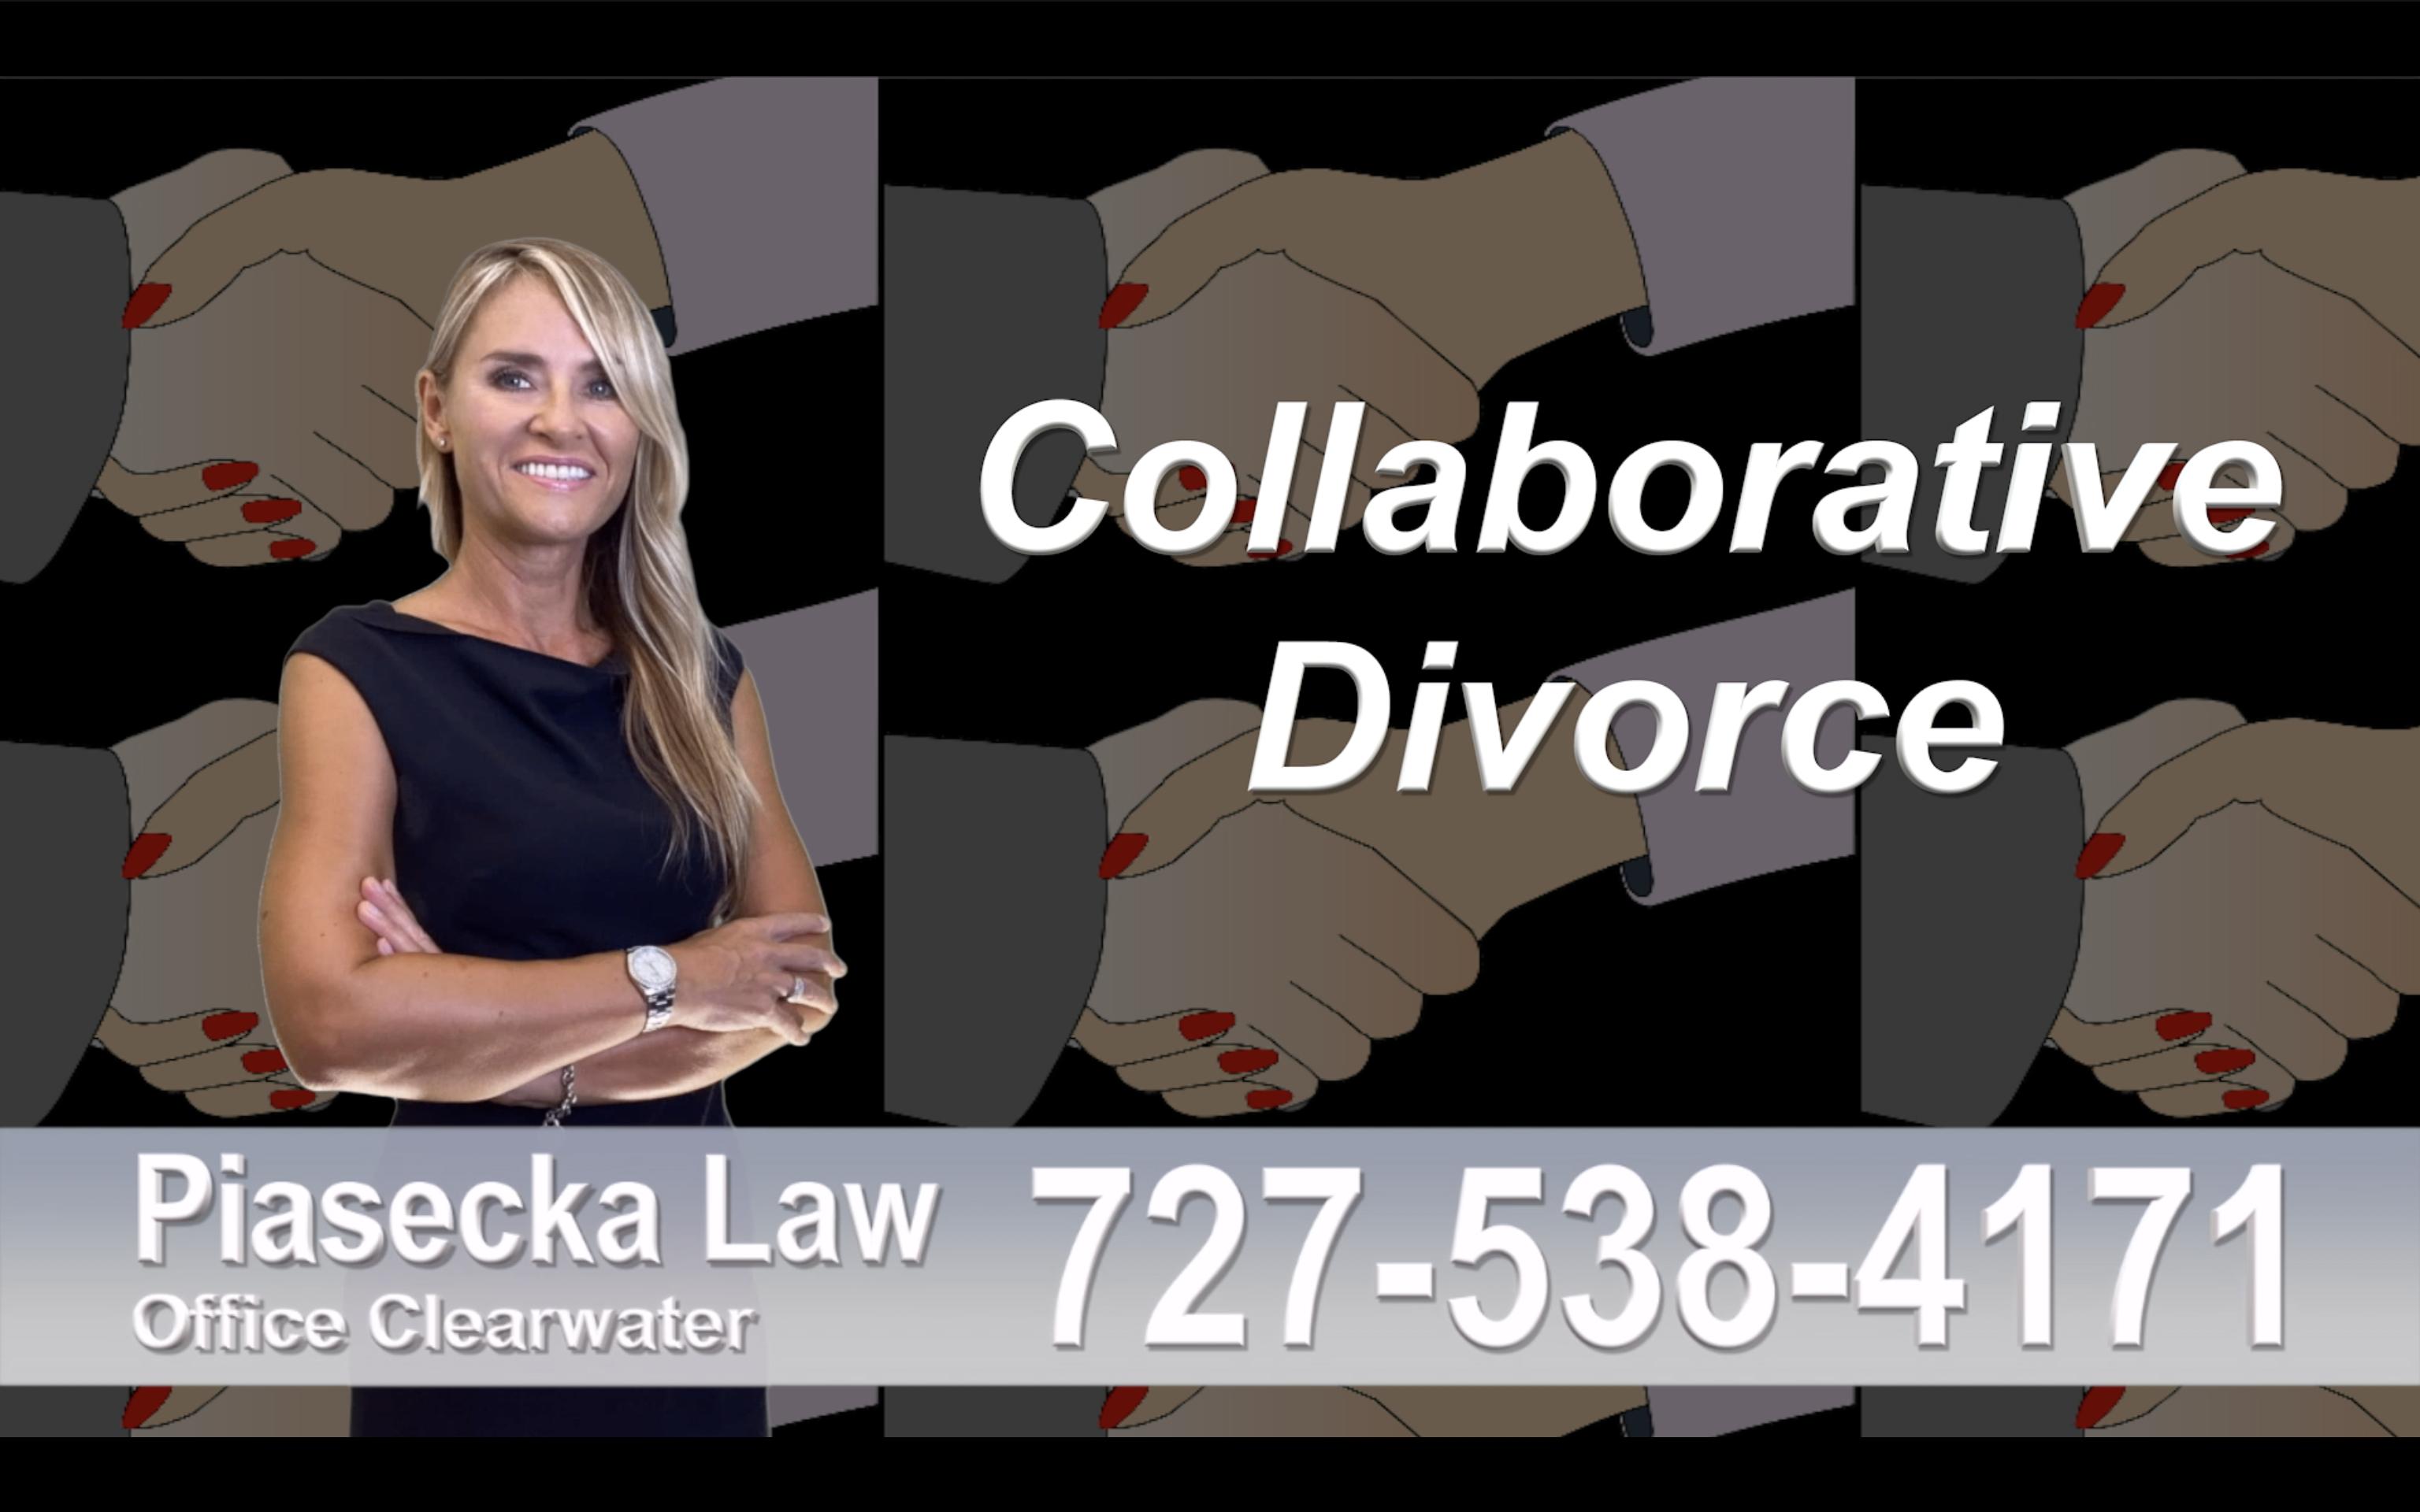 Naples Collaborative, Divorce, Attorney, Agnieszka, Piasecka, Prawnik, Rozwodowy, Rozwód, Adwokat, Najlepszy, Best, divorce, attorney